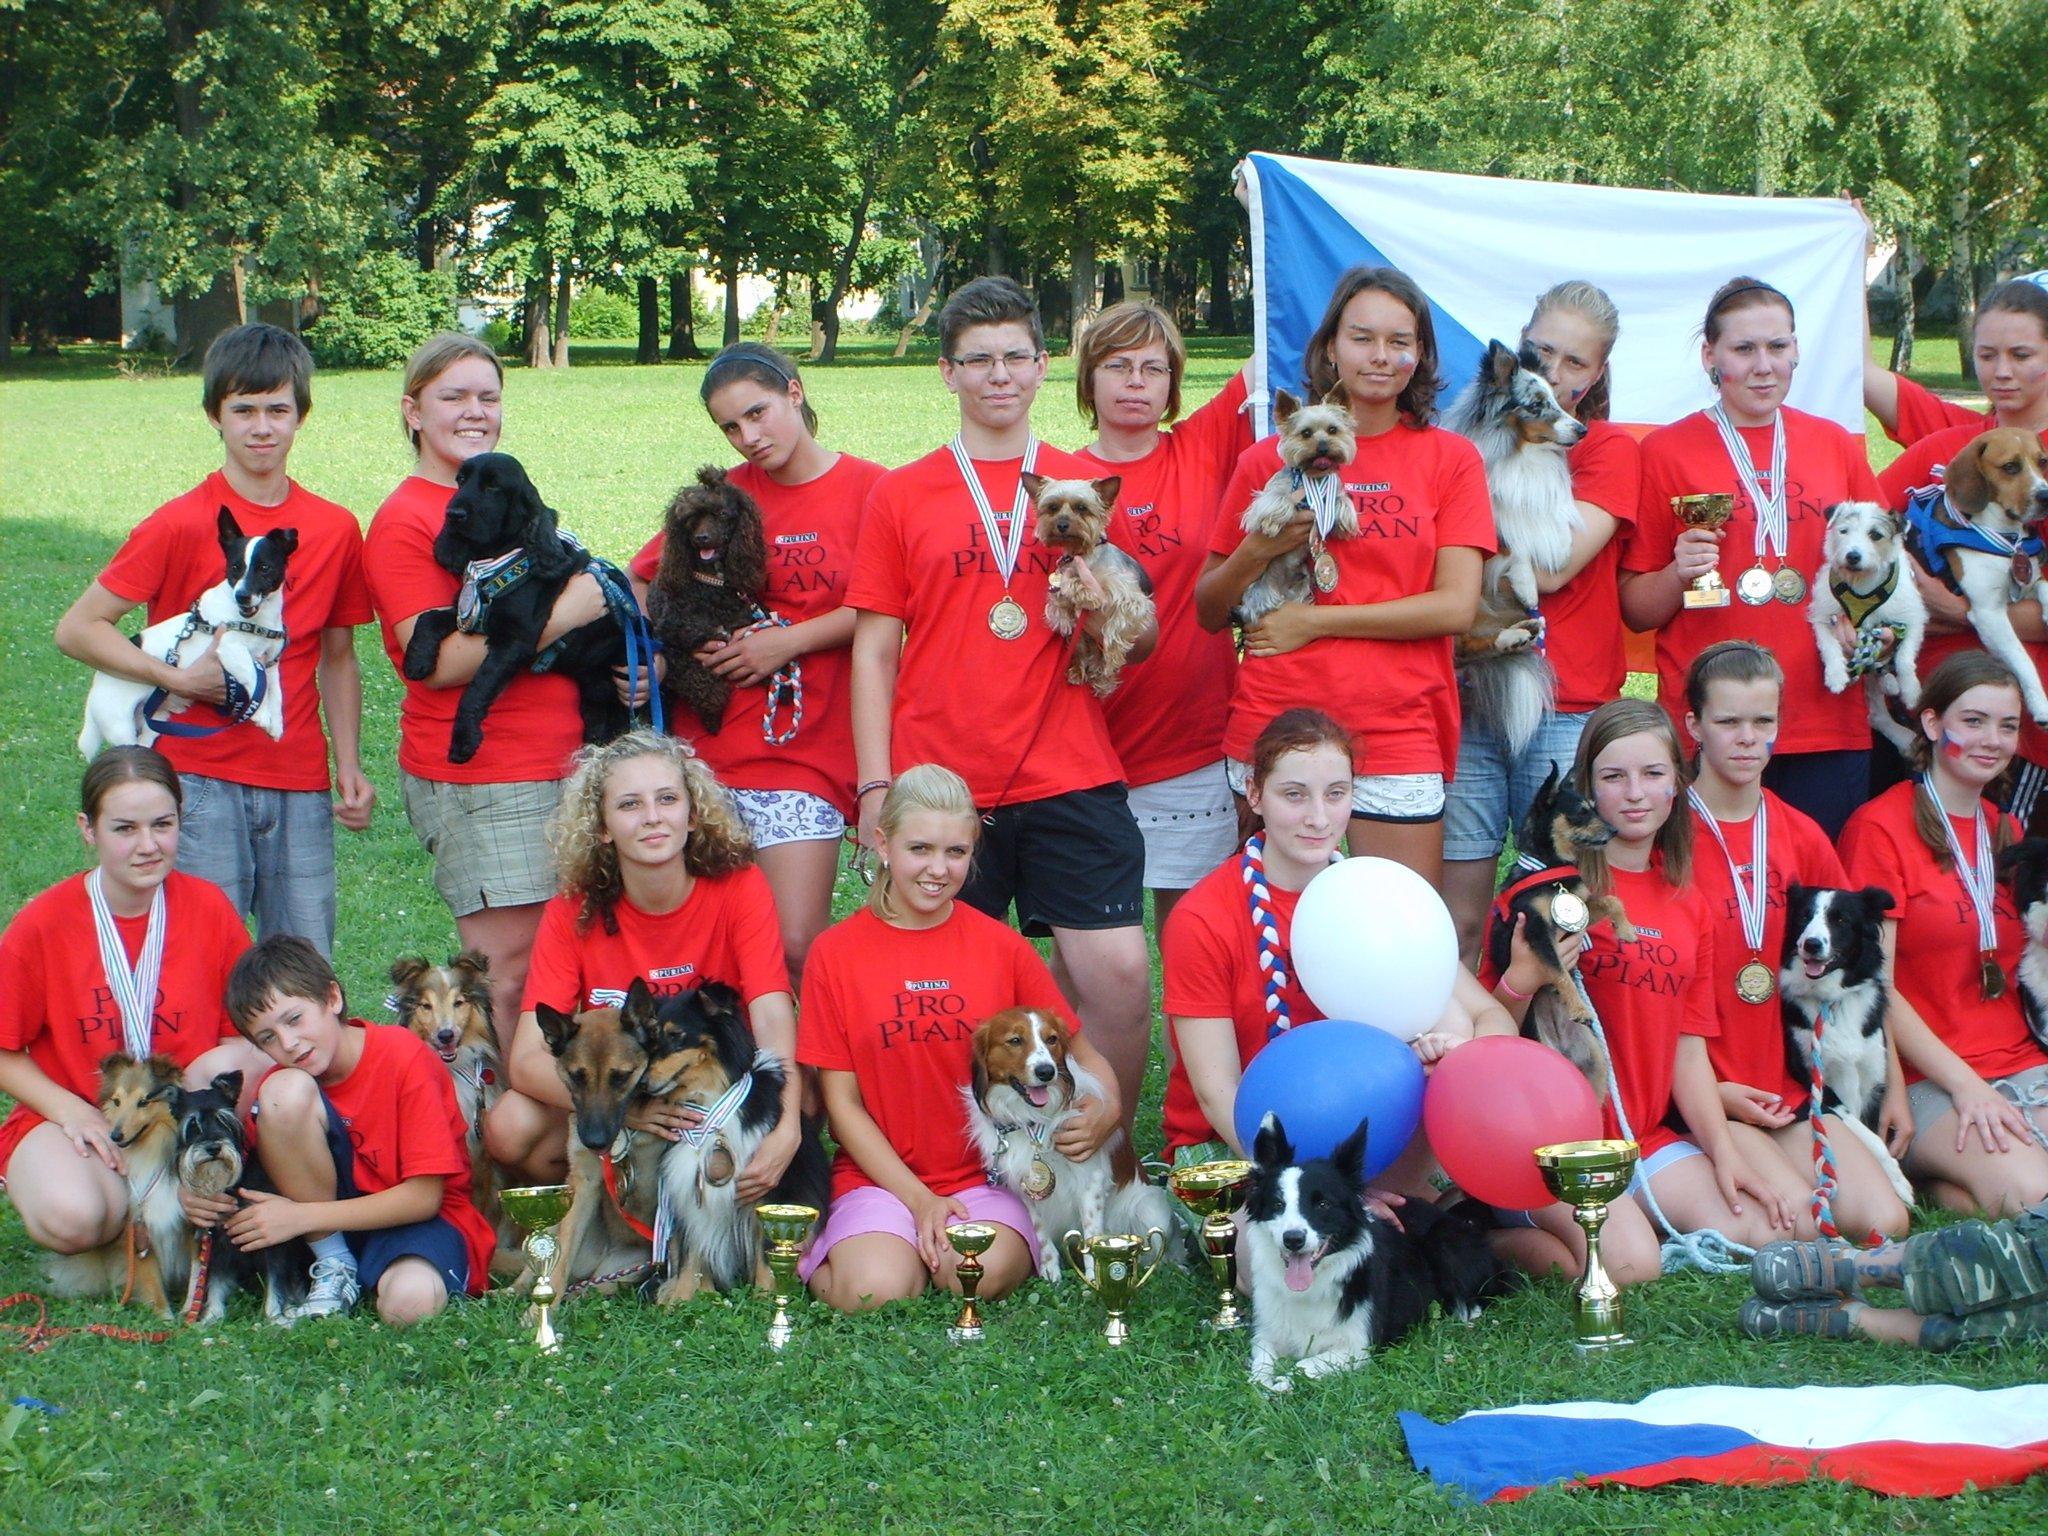 Mezinárodní mistrovství juniorů